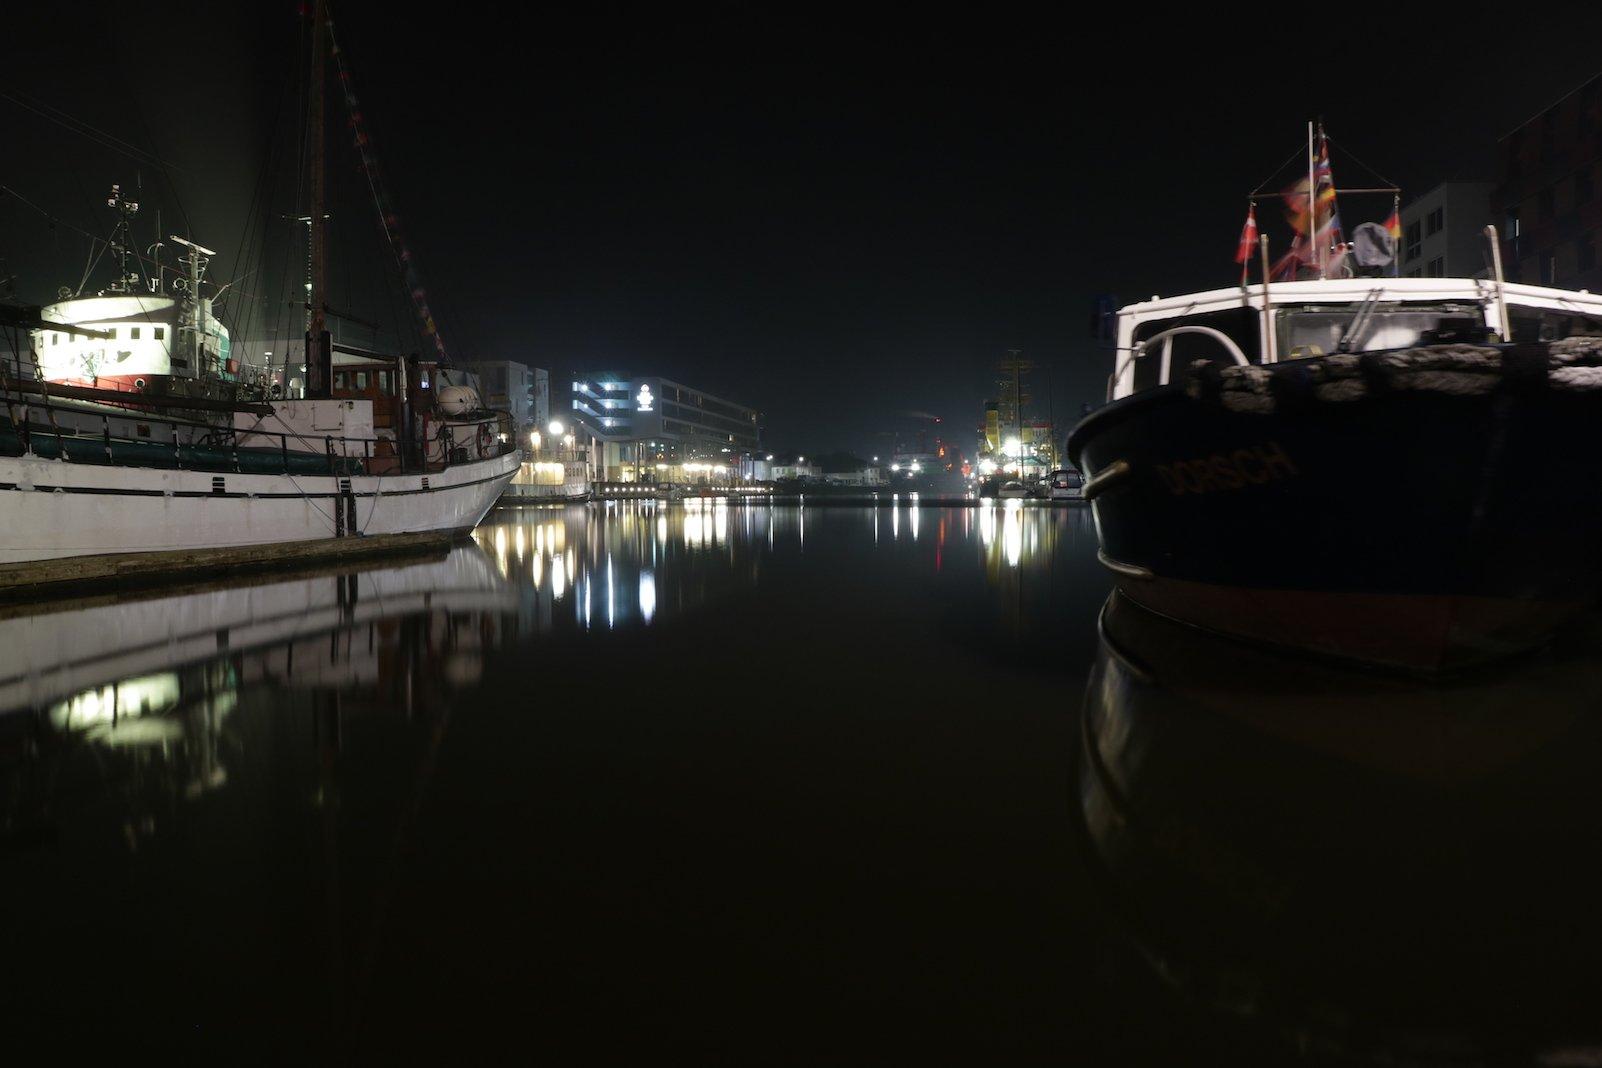 Fischereihafen in Bremerhaven in der Nacht